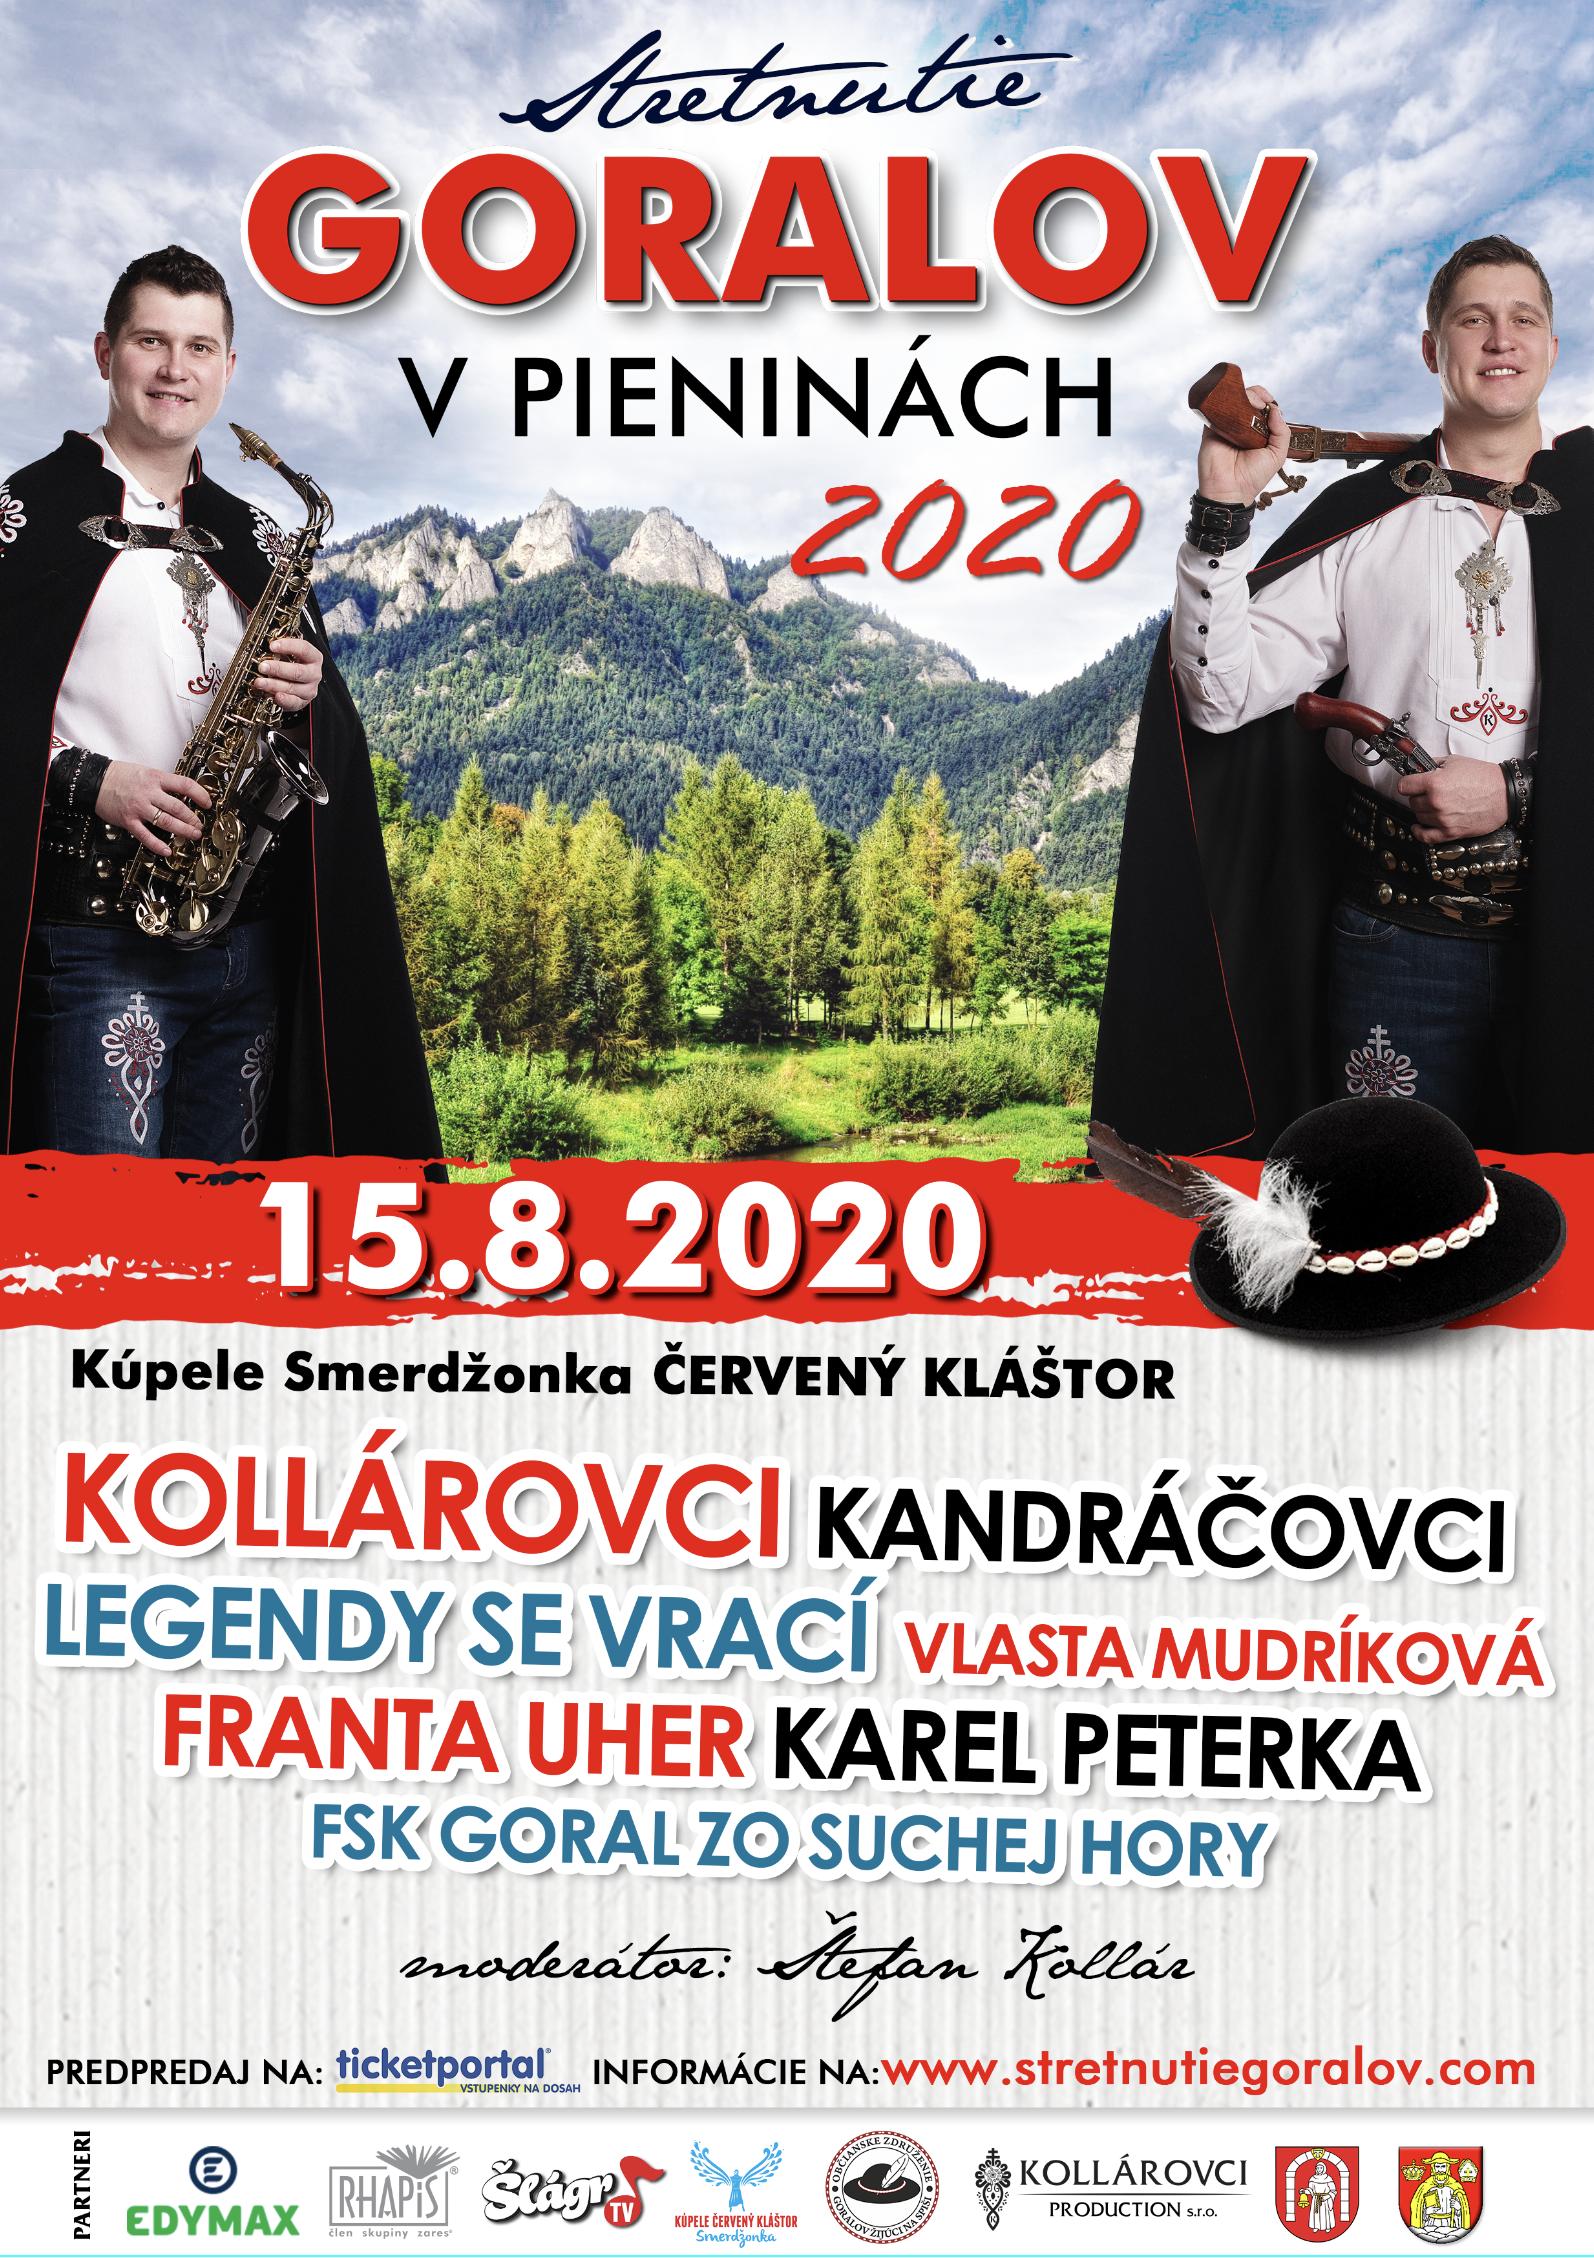 picture STRETNUTIE GORALOV V PIENINÁCH 2020